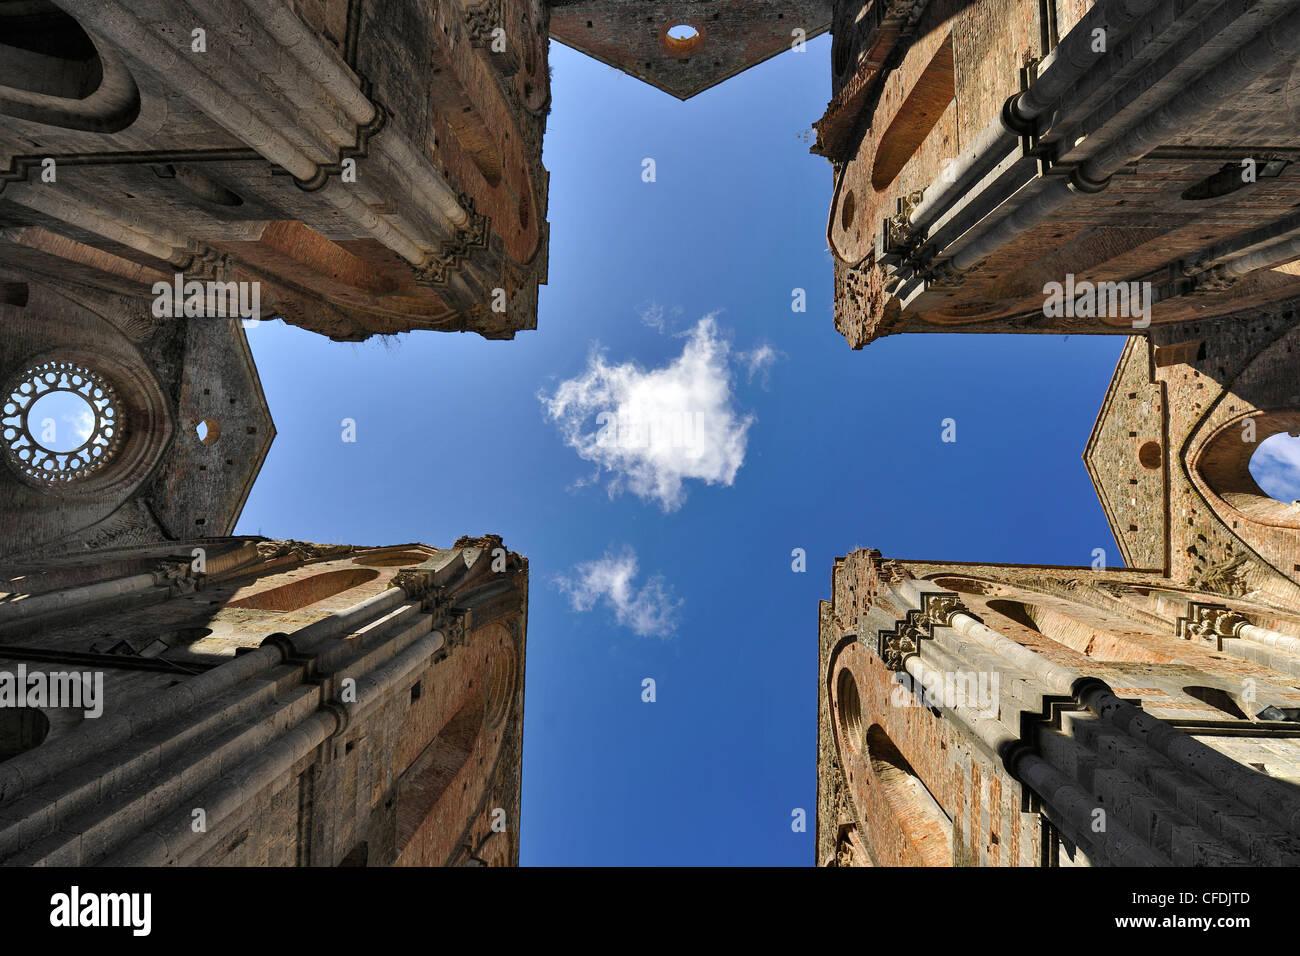 Detail of the Cistercian abbey San Galgano, Tuscany, Italy, Europe Stock Photo